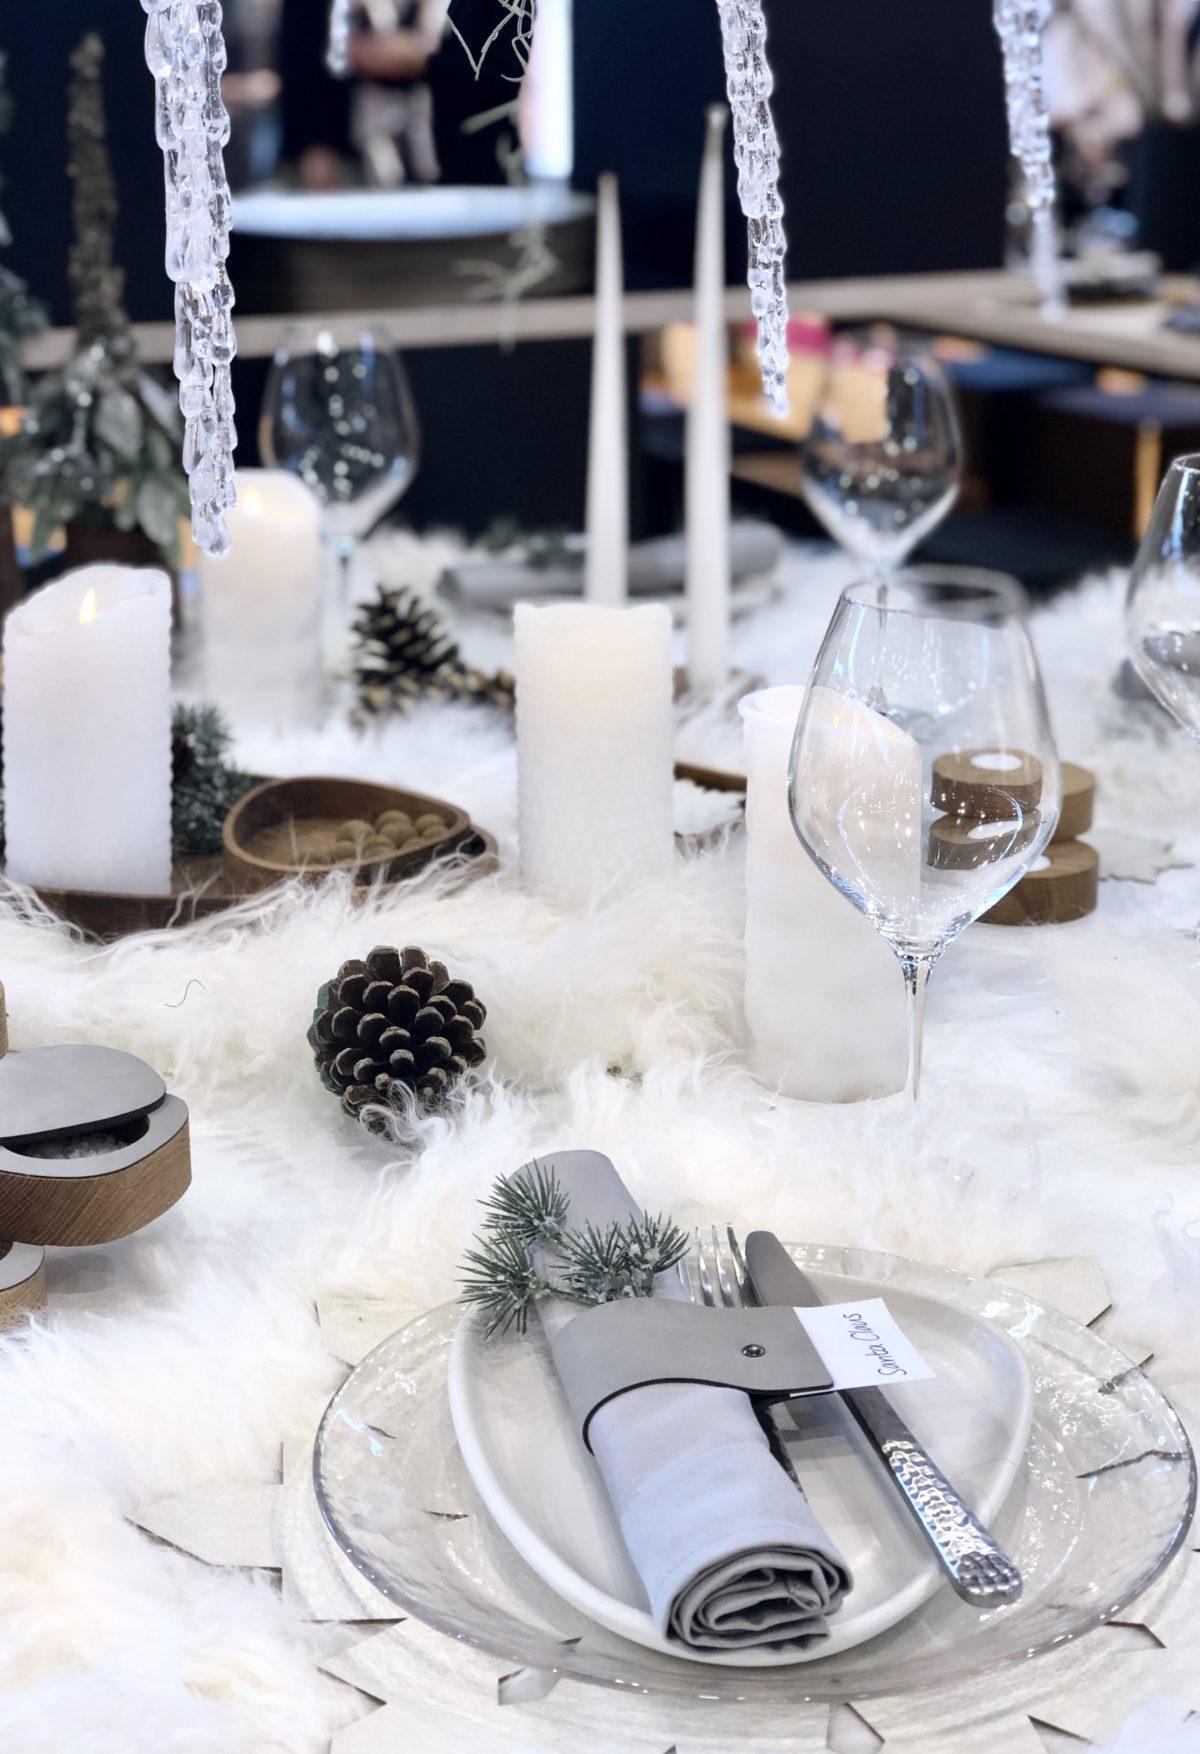 table diner réveillon noel neige fausse fourrure salon maison et objet septembre 2019 clemaroundthecorner